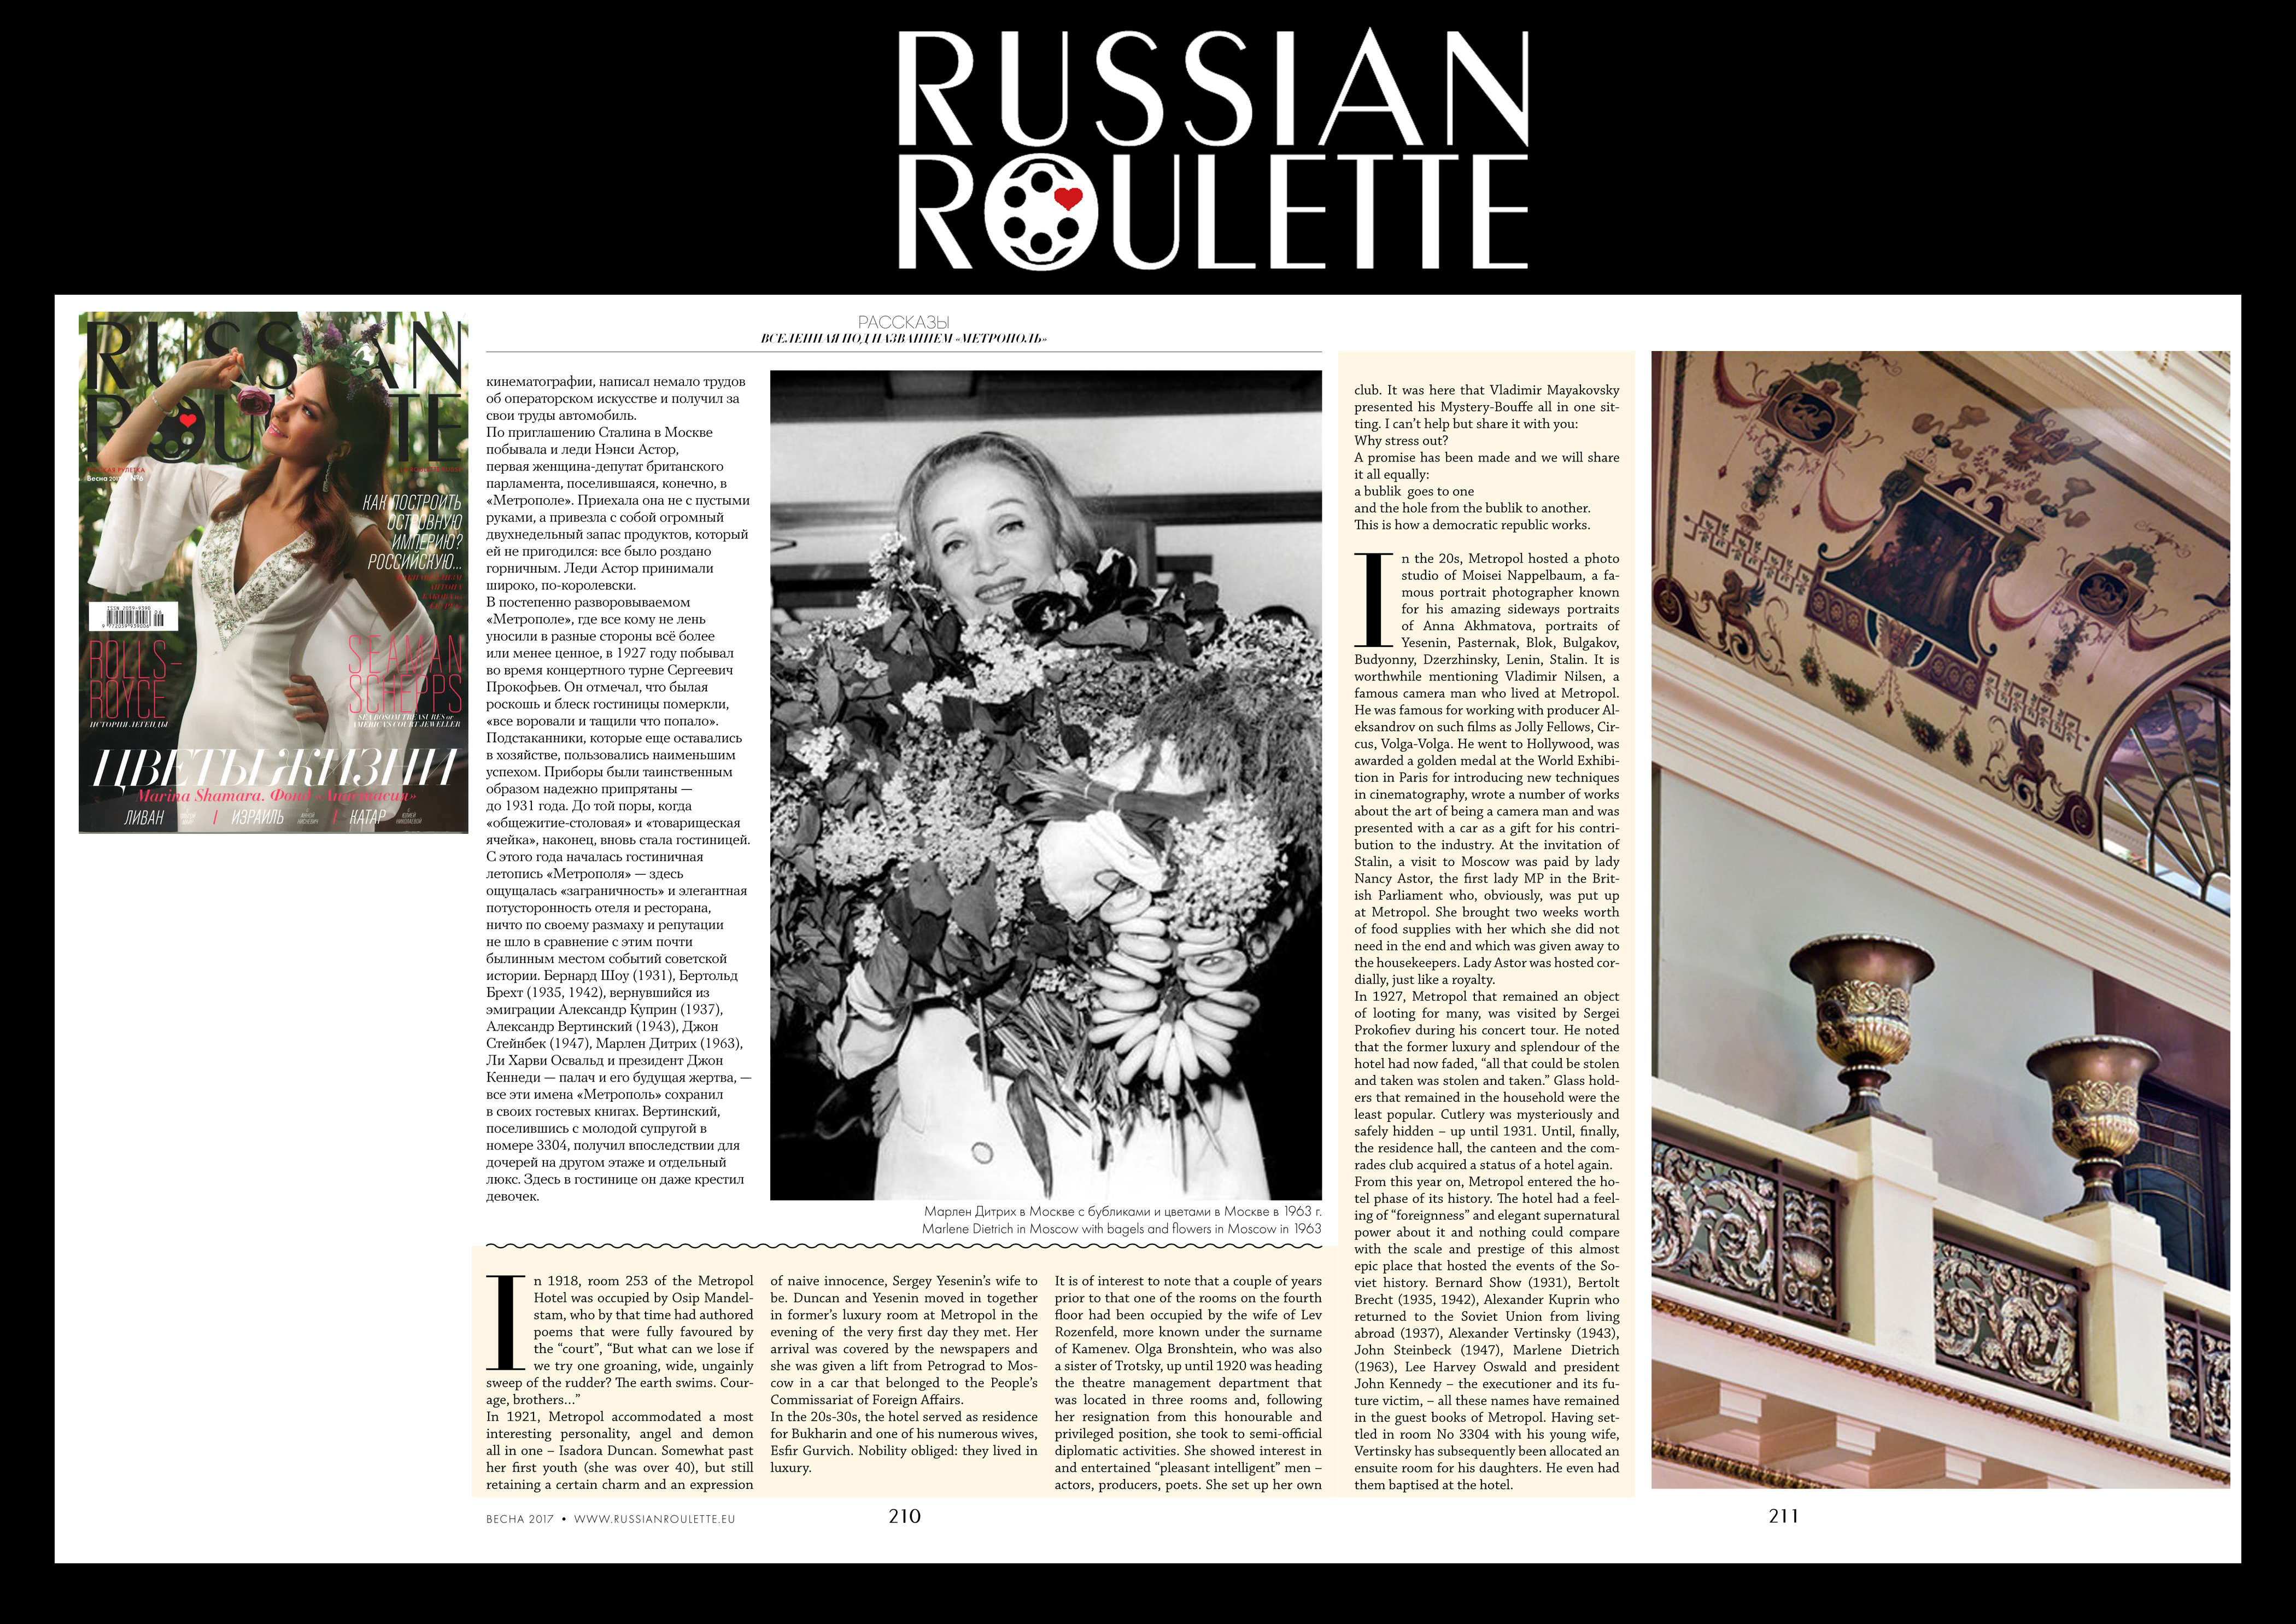 RUSSIAN ROULETTE METROPOLE 3-3